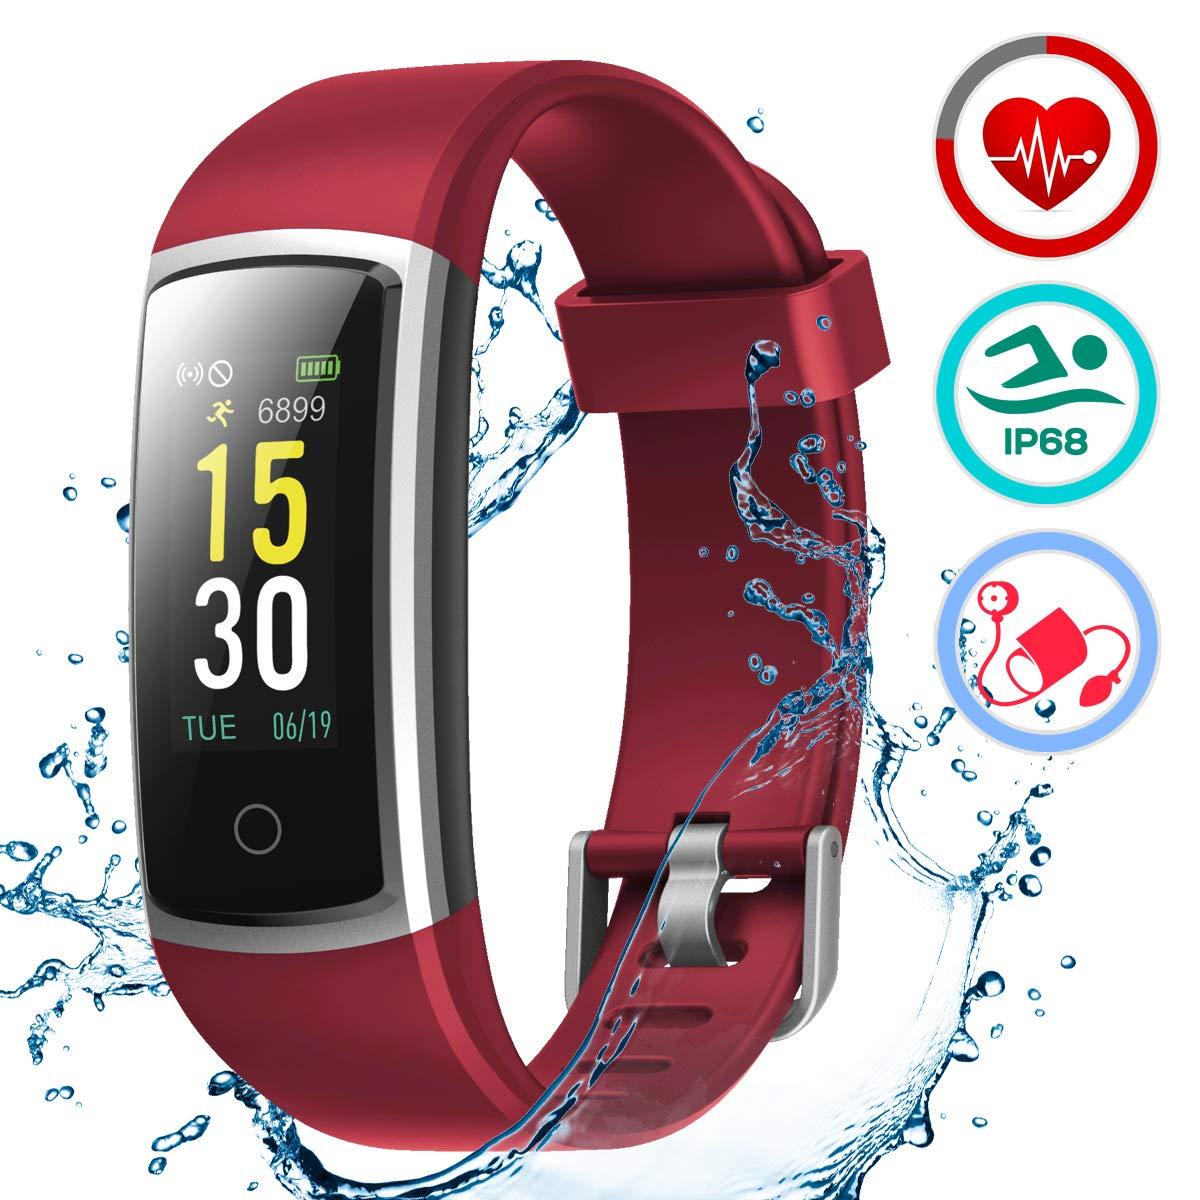 LATEC Pulsera Actividad Inteligente Pulsómetro y Presión Arterial Relojes Deportivos Impermeable IP68 Podómetro Pulsera Deportiva Reloj para Xiaomi ...